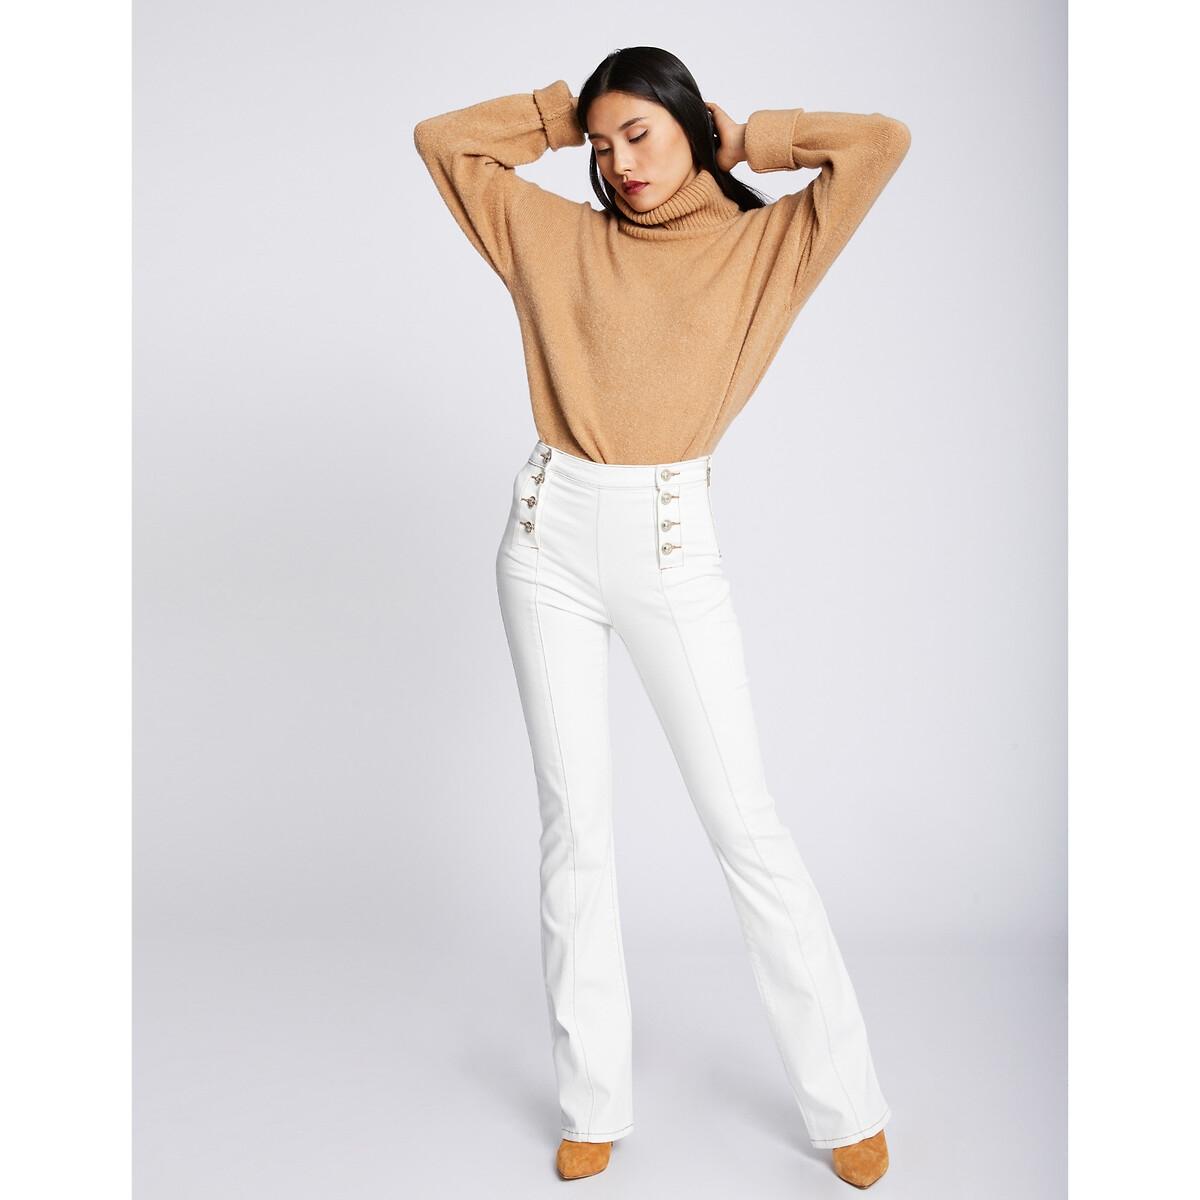 Jeans direitos com cintura subida e ponte